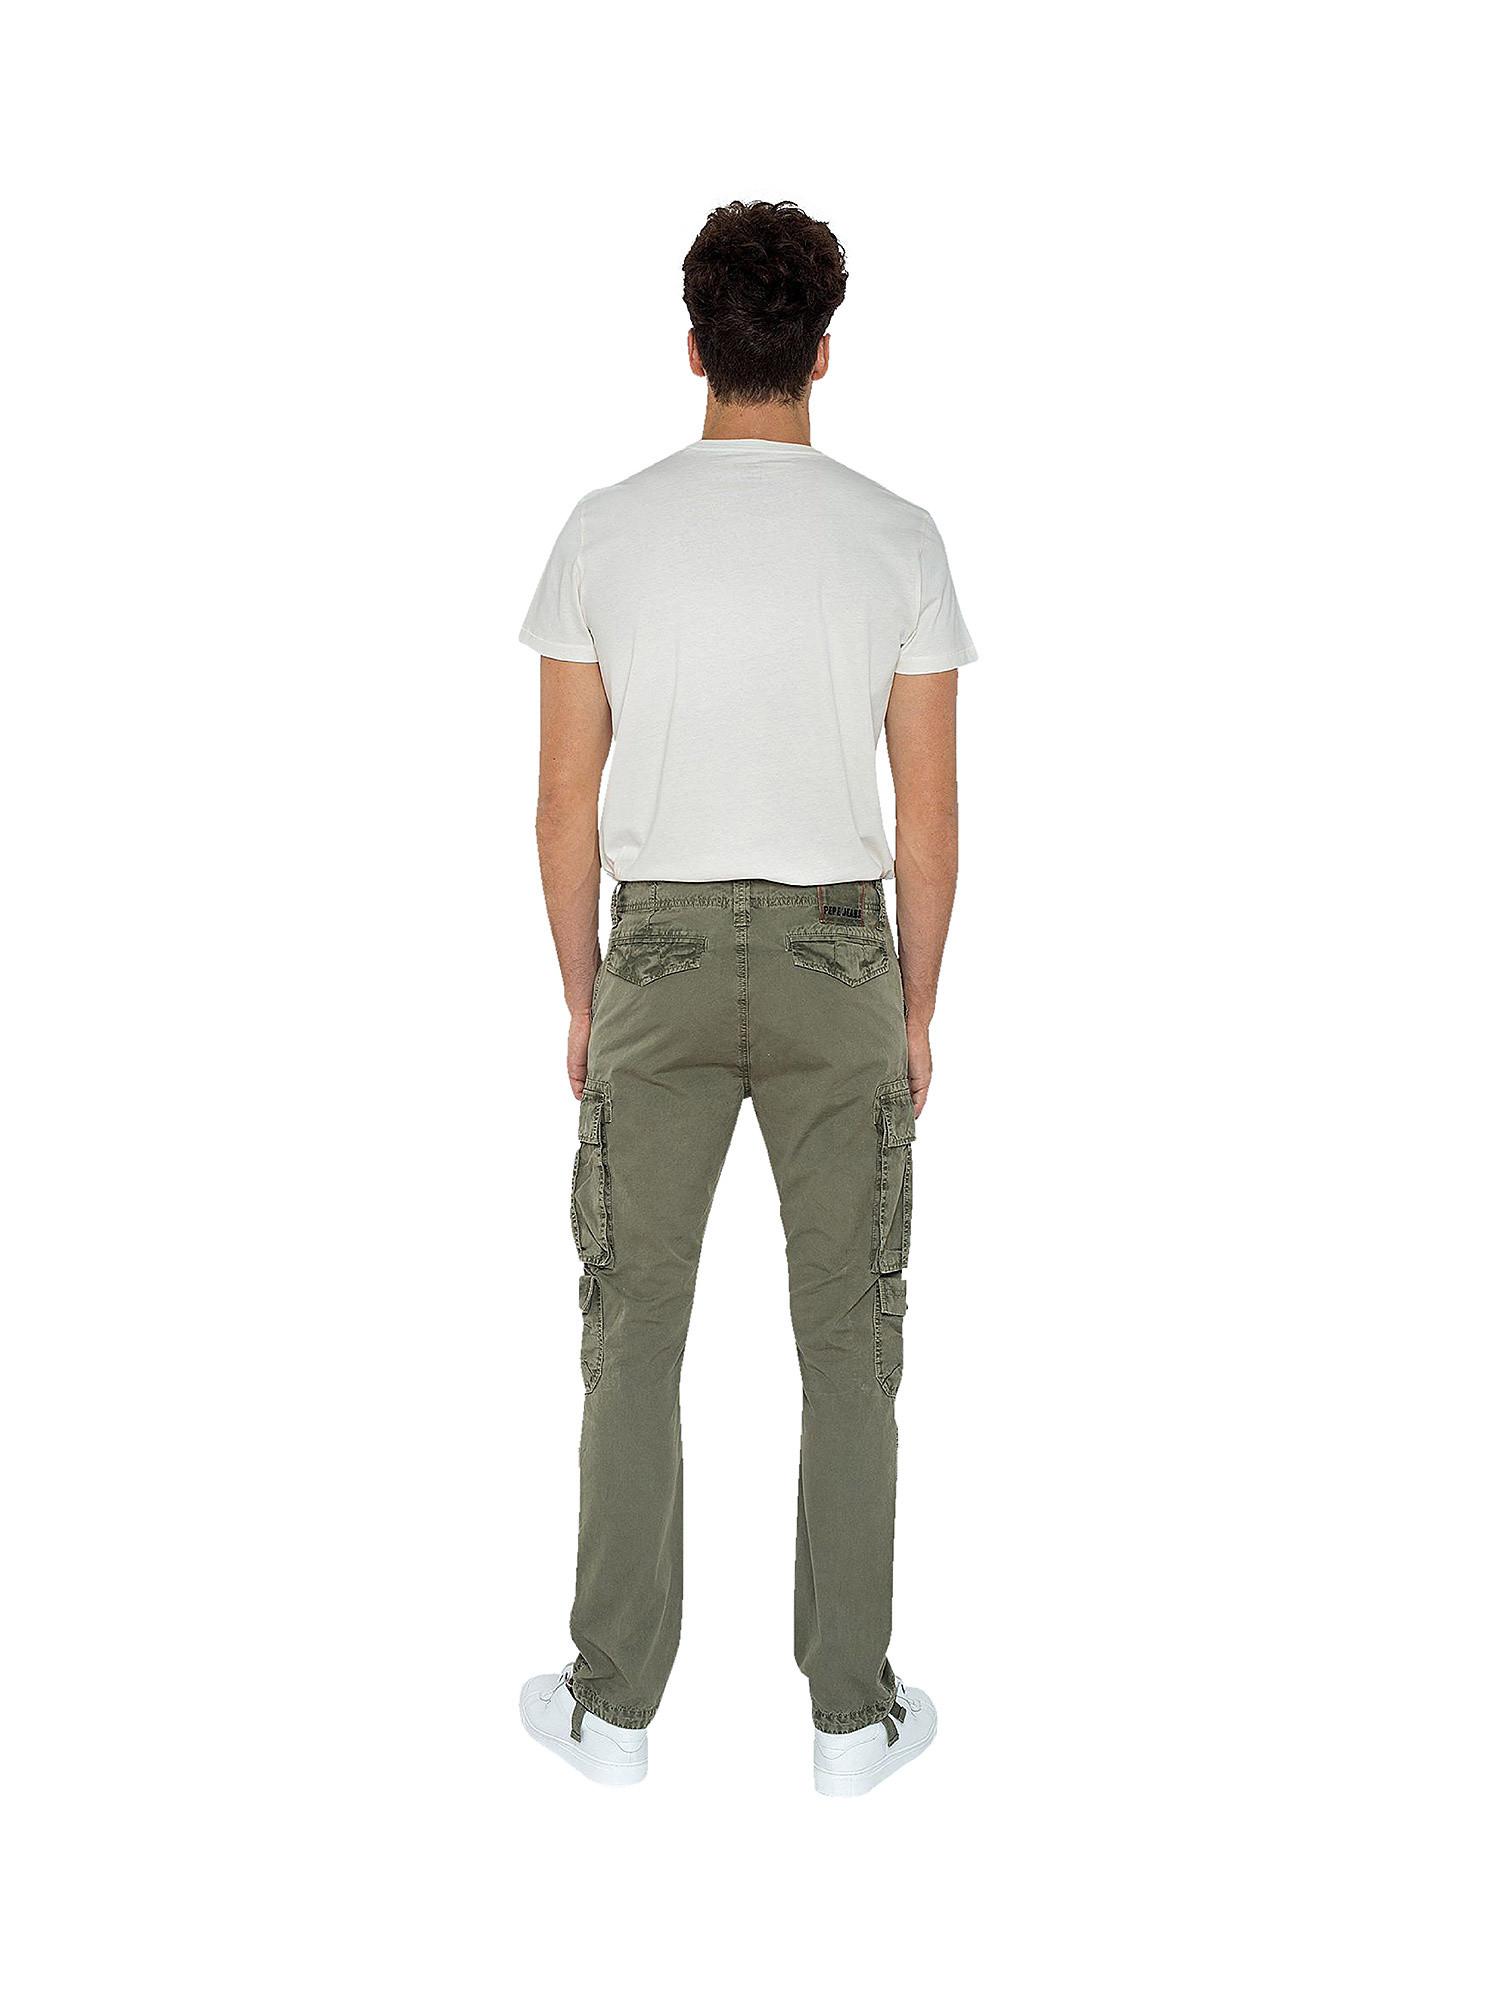 Pantalone 5 tasche, Verde, large image number 4